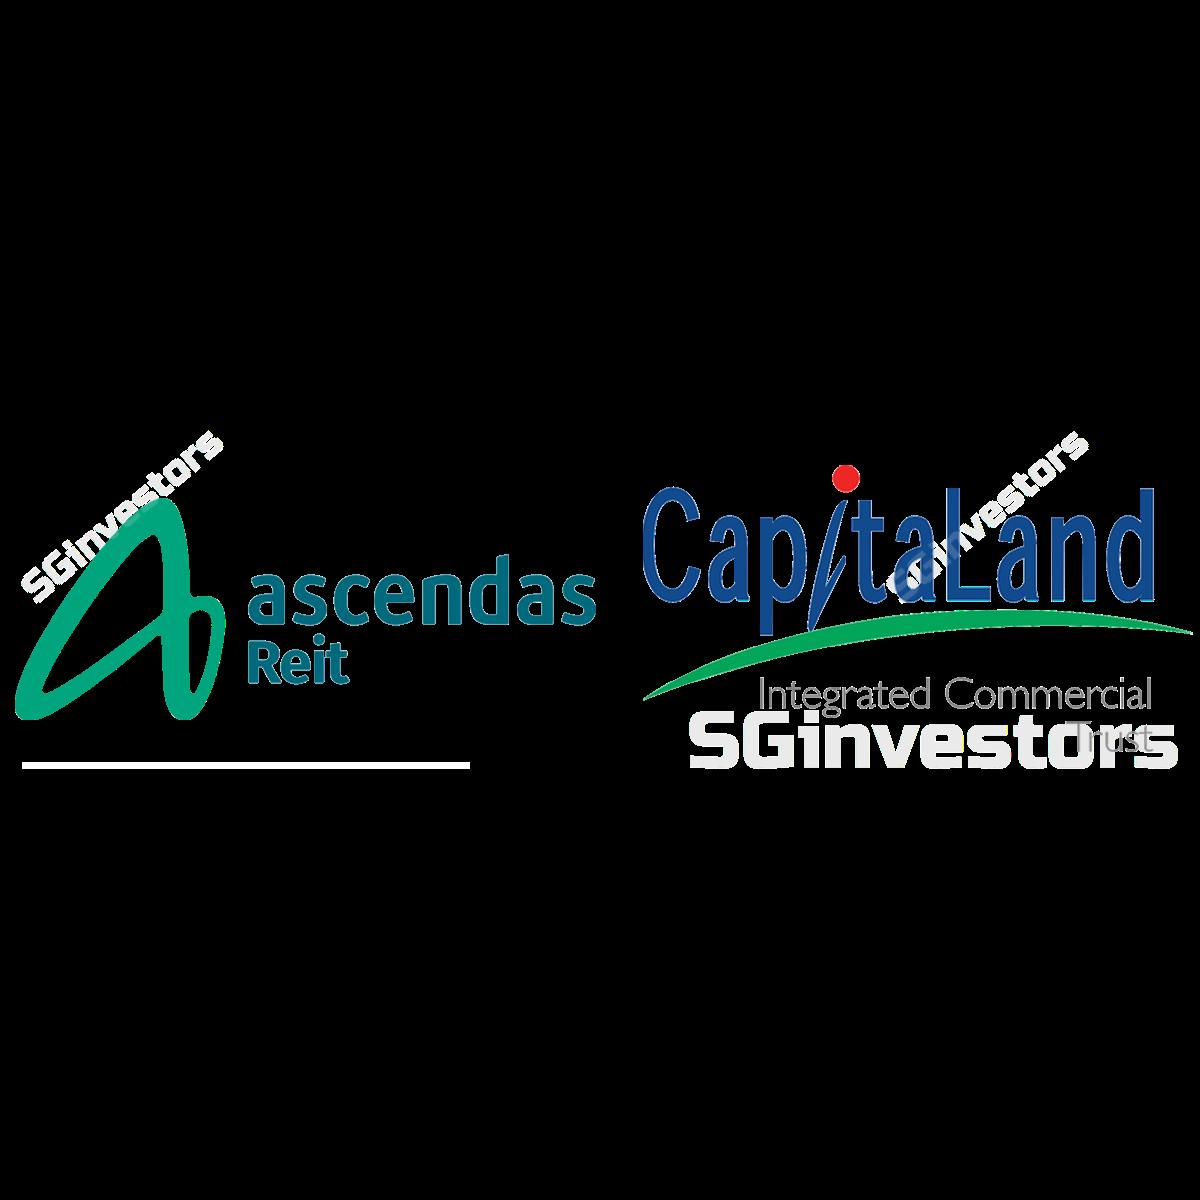 Ascendas REIT vs CapitaLand Integrated Commercial Trust | SGinvestors.io